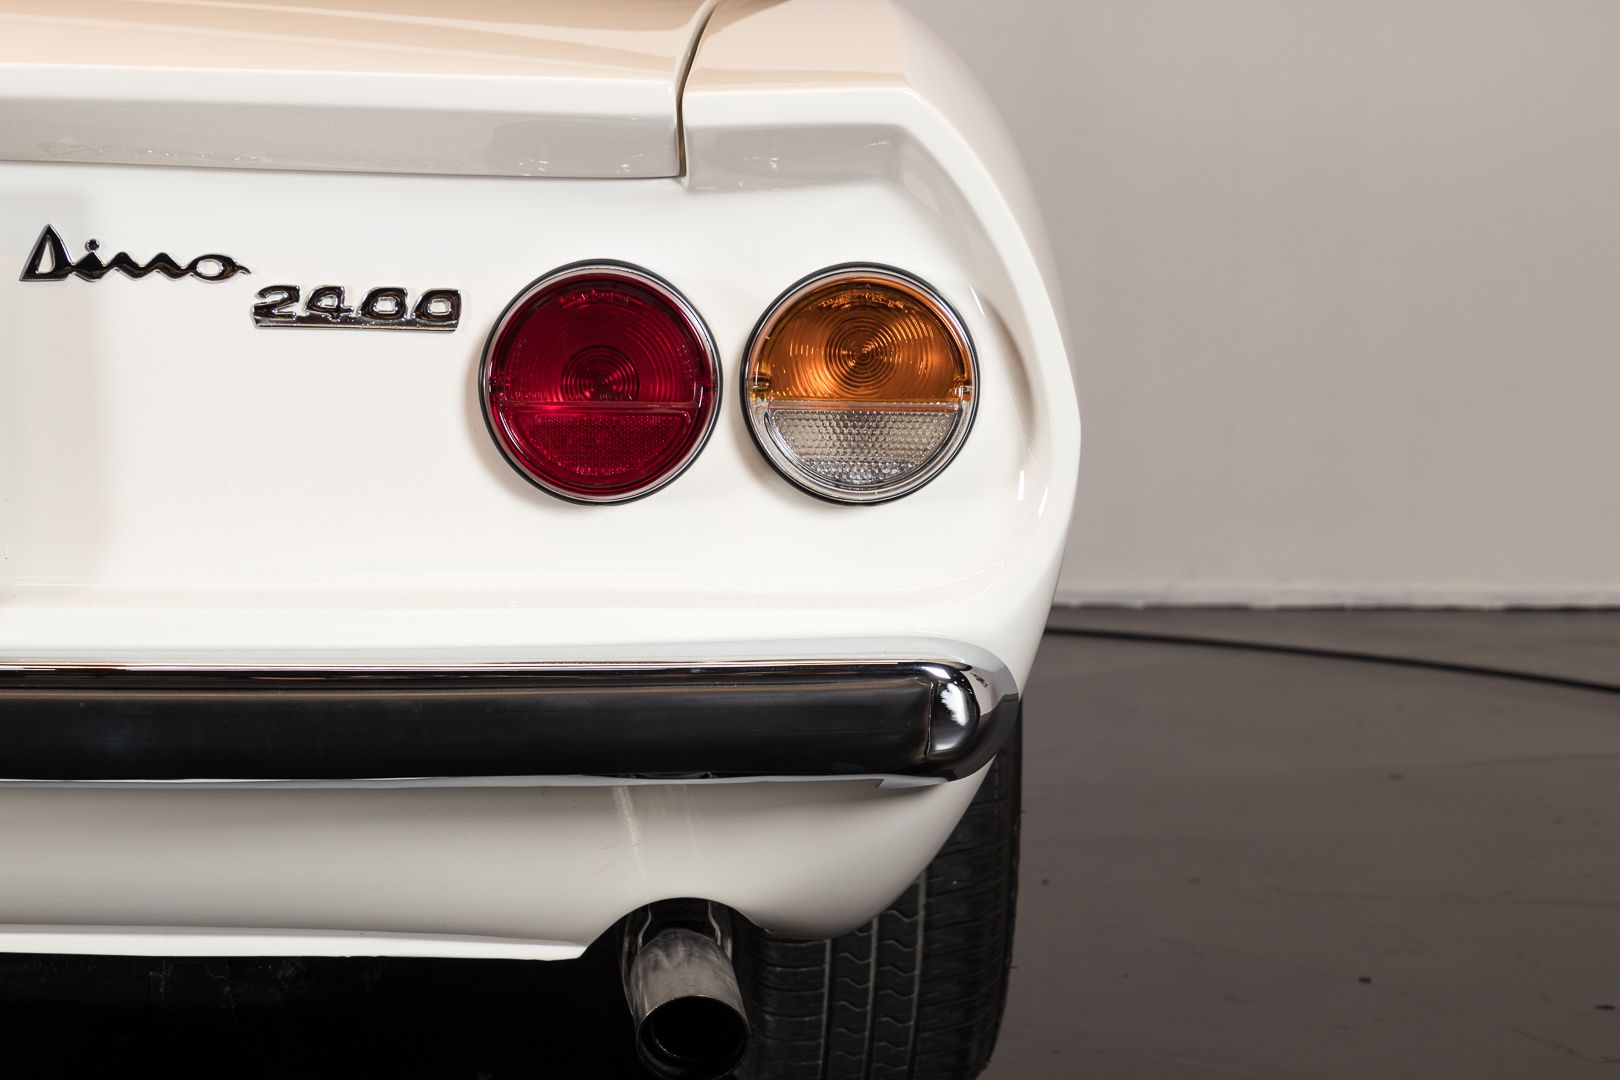 1970 Fiat Dino Spider 2400 10940